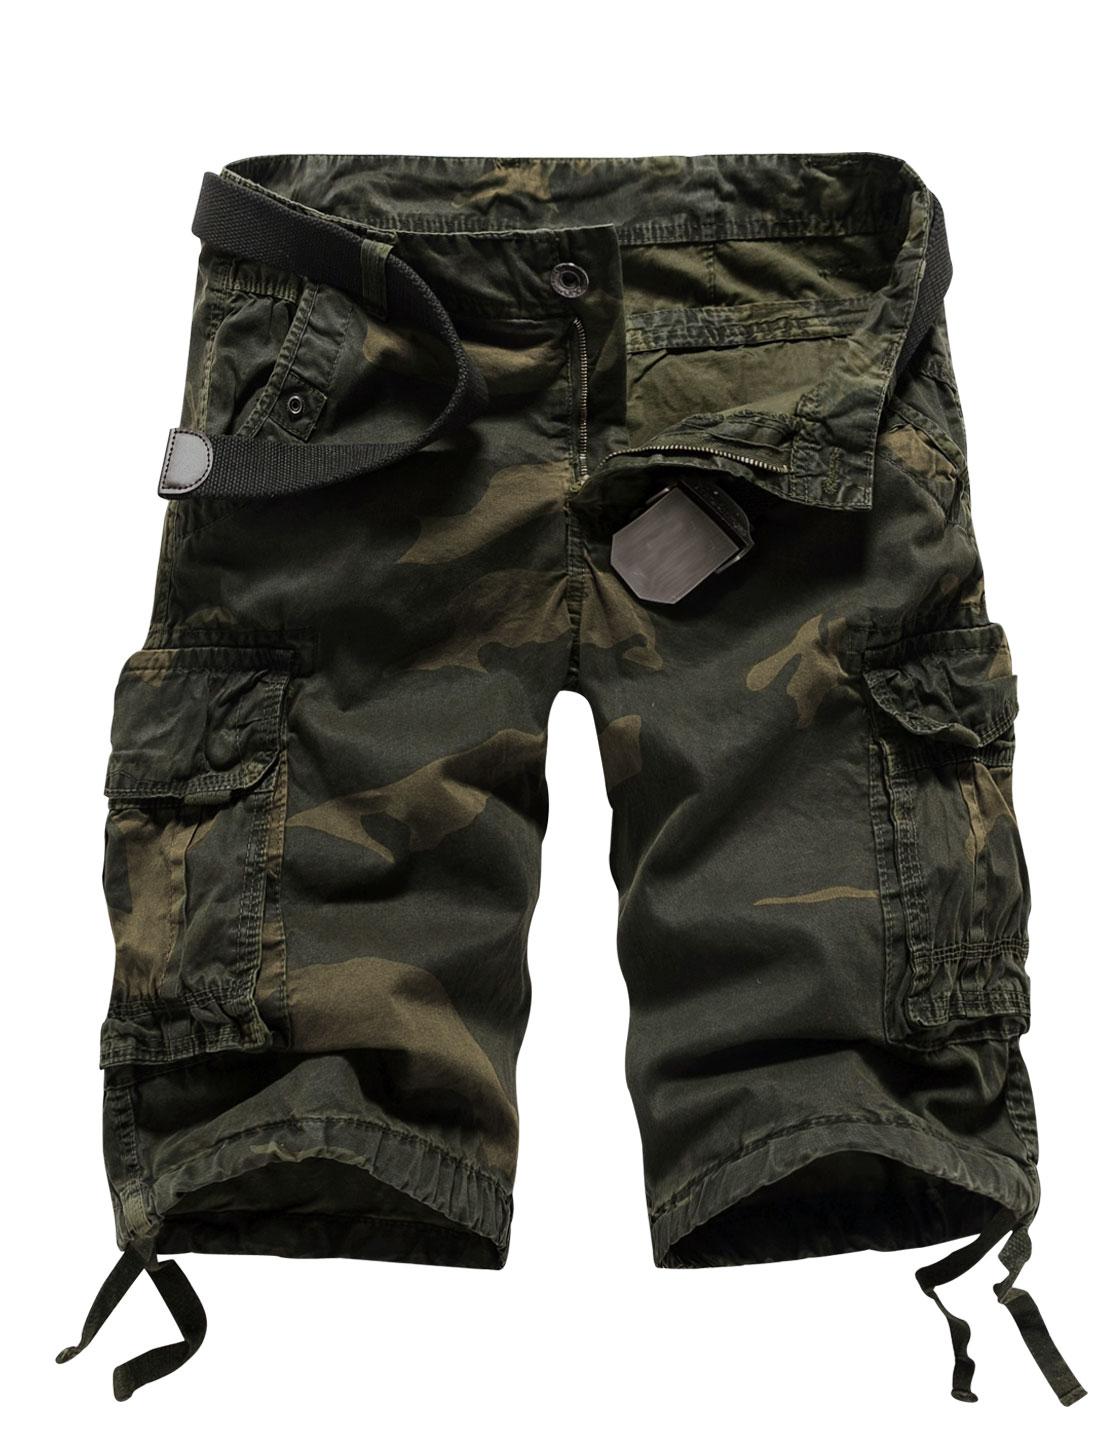 Man Functional Pockets Camo Cargo Shorts Army Green Ebony W34